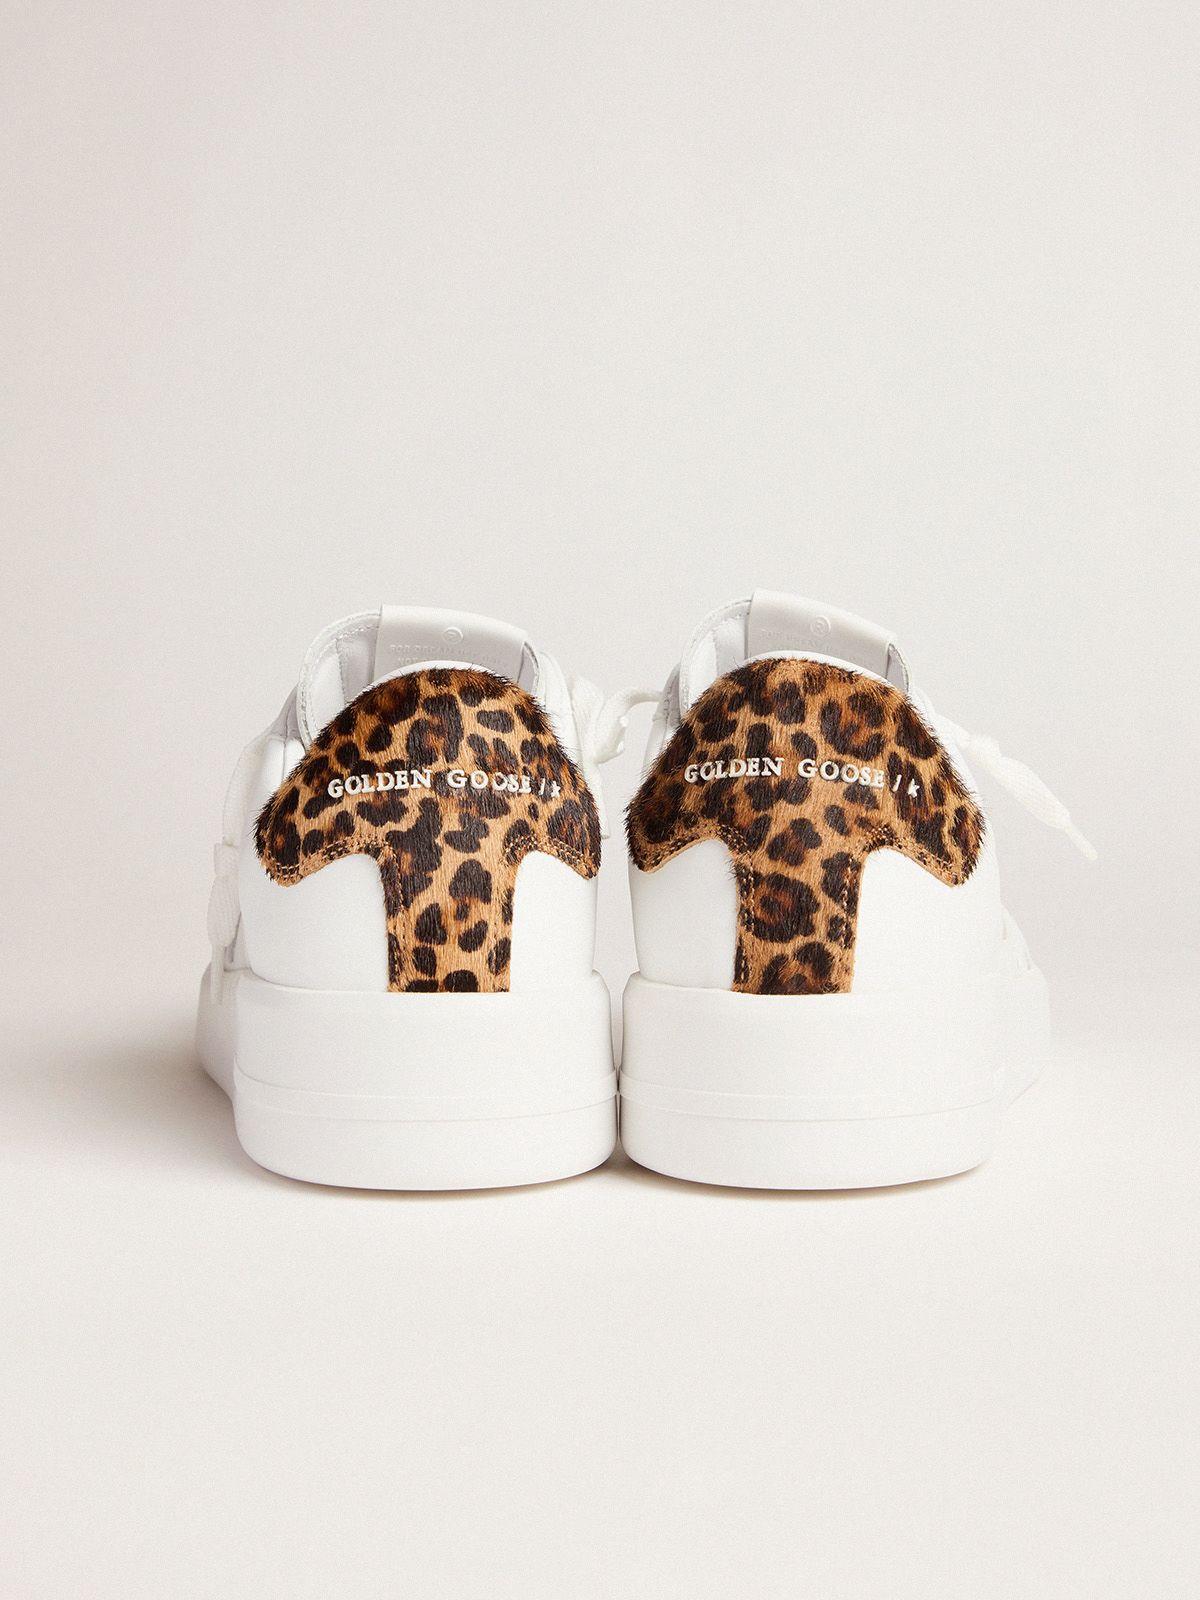 Golden Goose - Men's PURESTAR sneakers with leopard-print heel tab in